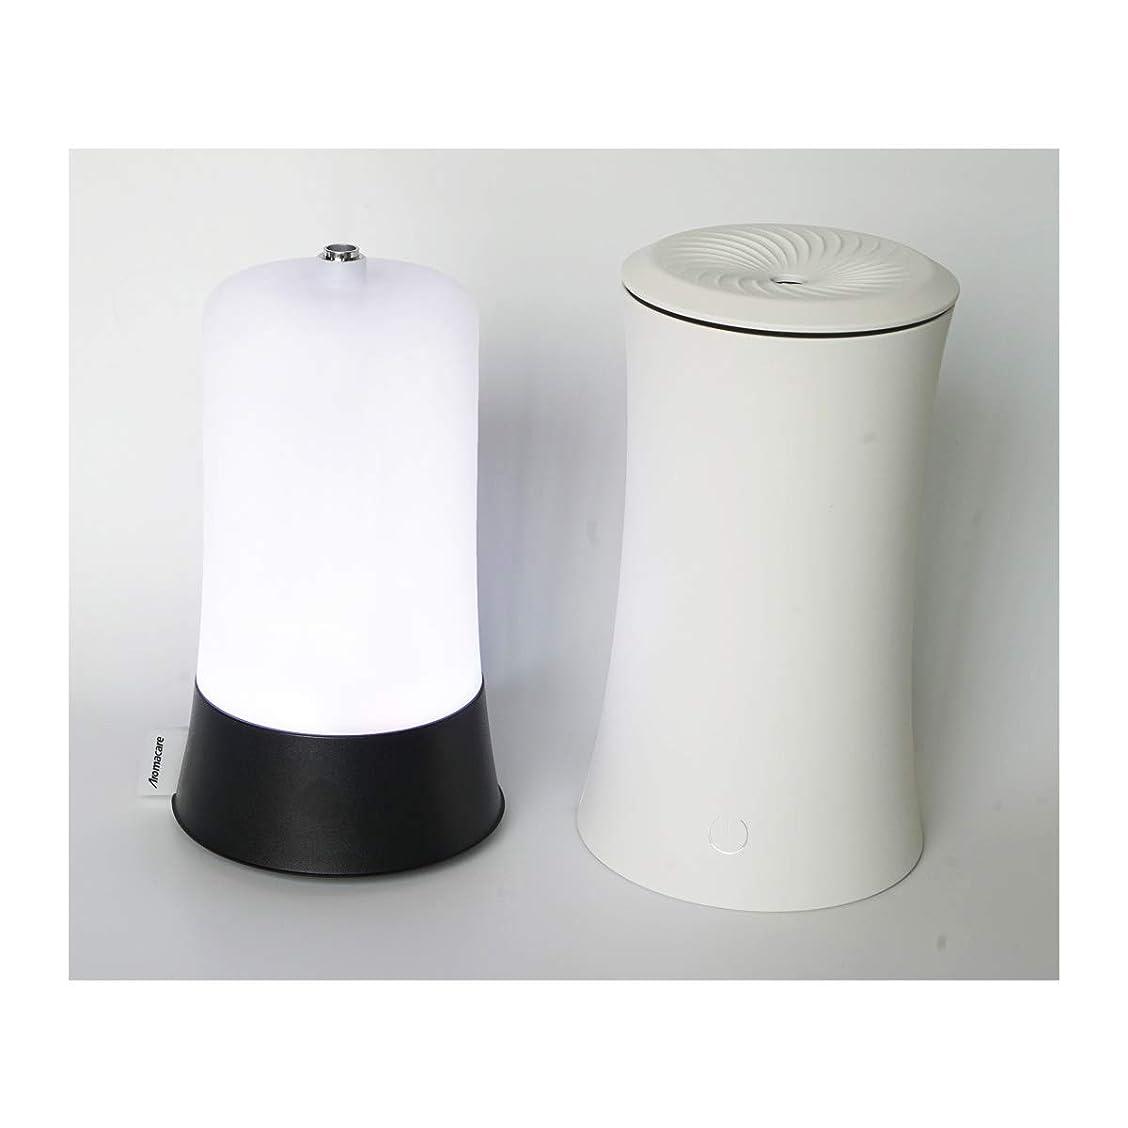 滅多ブート訴えるウッドグレイン超音波アロマクールミスト300mlエッセンシャルオイルディフューザー、アロマ加湿器付き、水なしオートシャットオフ、7色LEDライトホームオフィス用ベビーホワイト